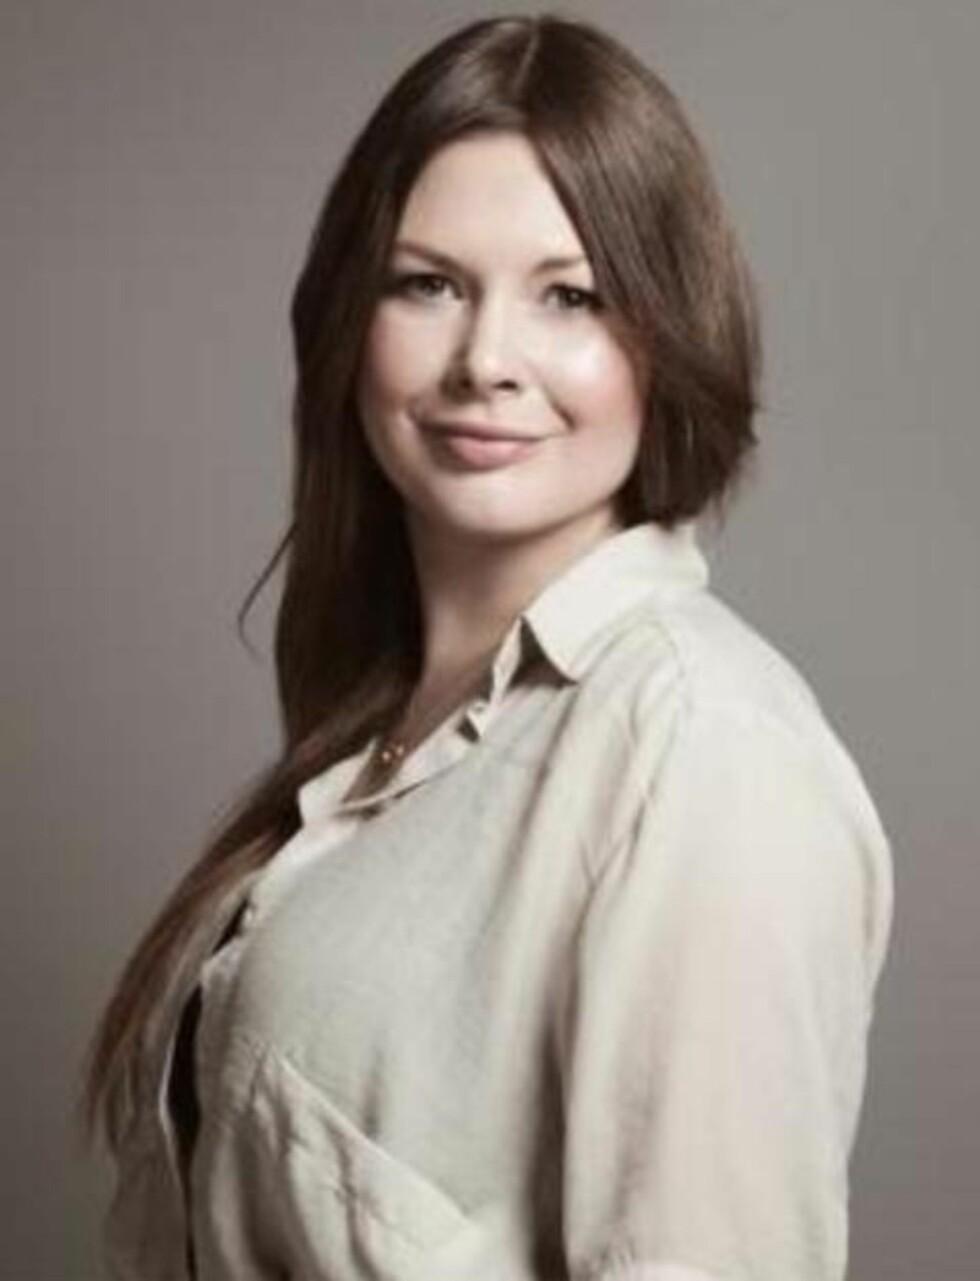 LEI INN PROFF-HJELP: Annette Elvhaug er bryllupsplanlegger og kan bistå deg med gode råd og tips i planleggingsfasen. FOTO: Sigbjørn Borud